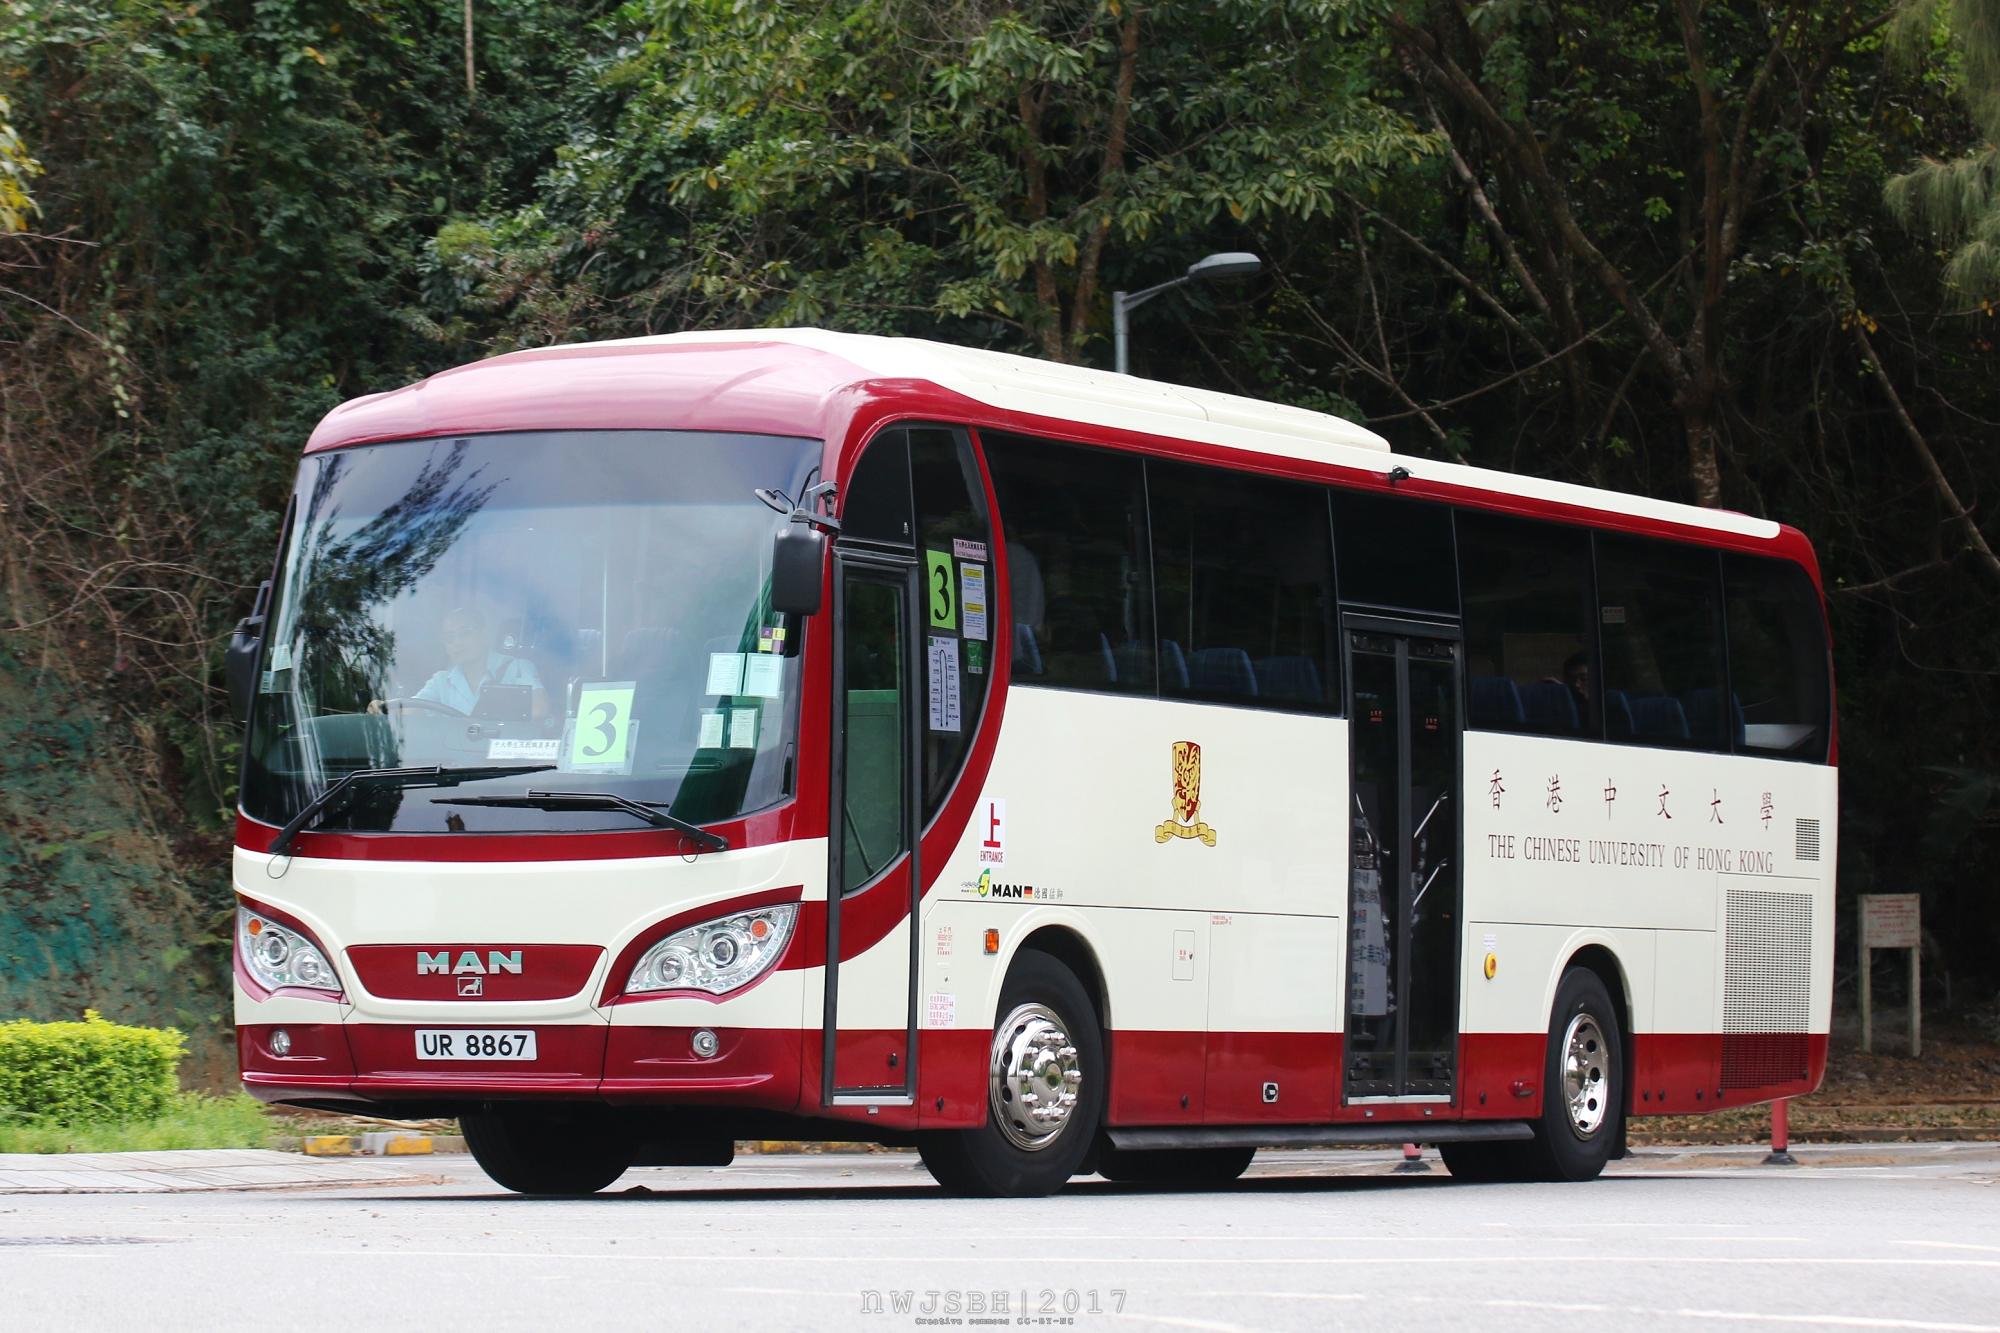 香港中文大學校巴3號線